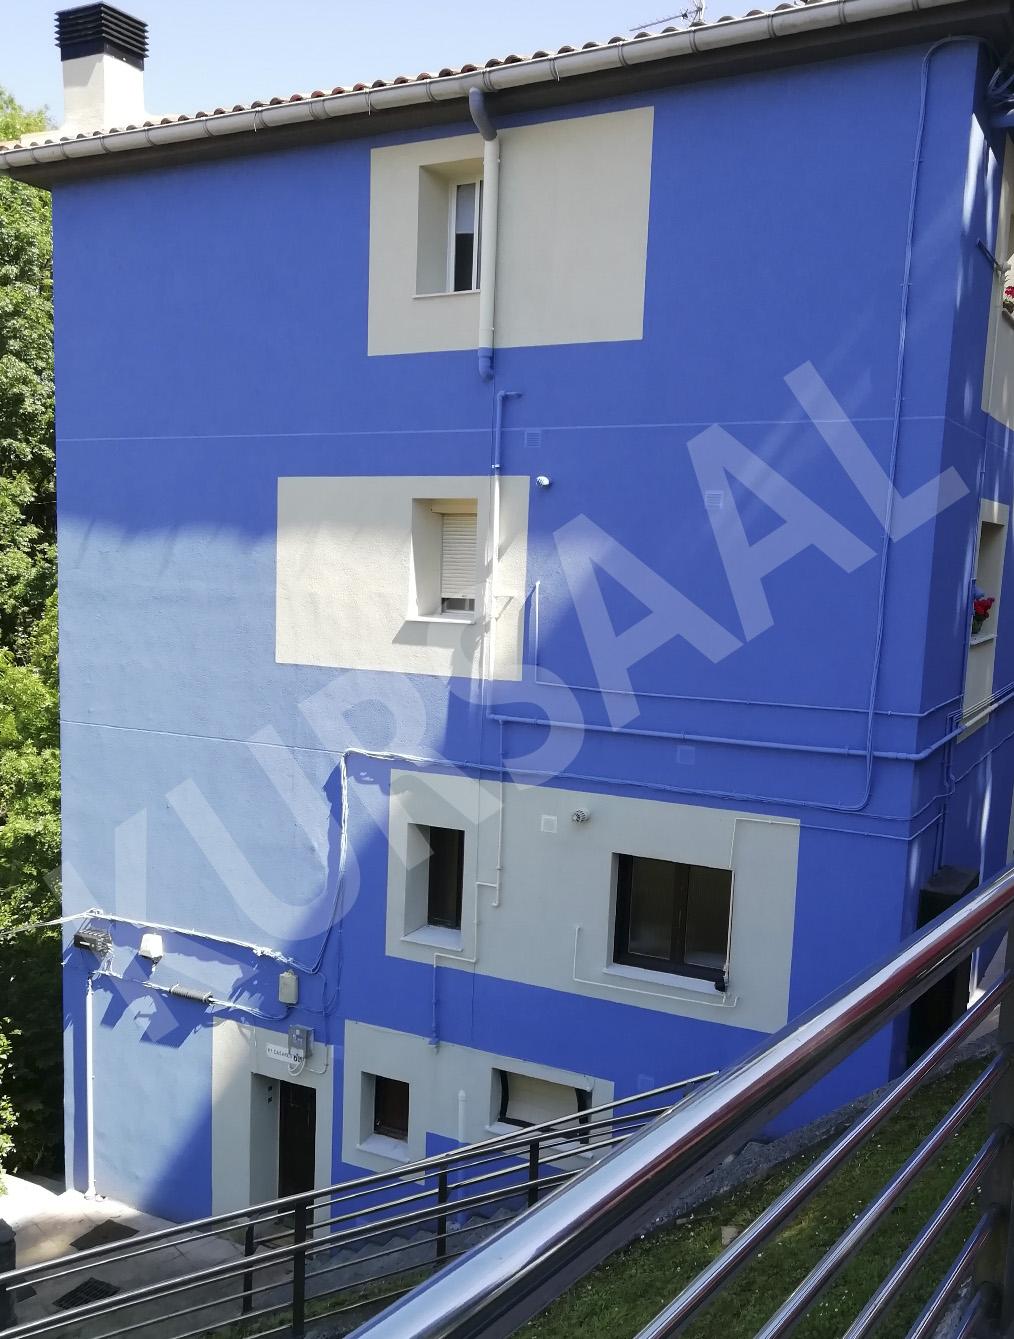 foto 10 - Aislamientos Térmicos y Eficiencia Energética-Casares 66-PASAIA, GIPUZKOA